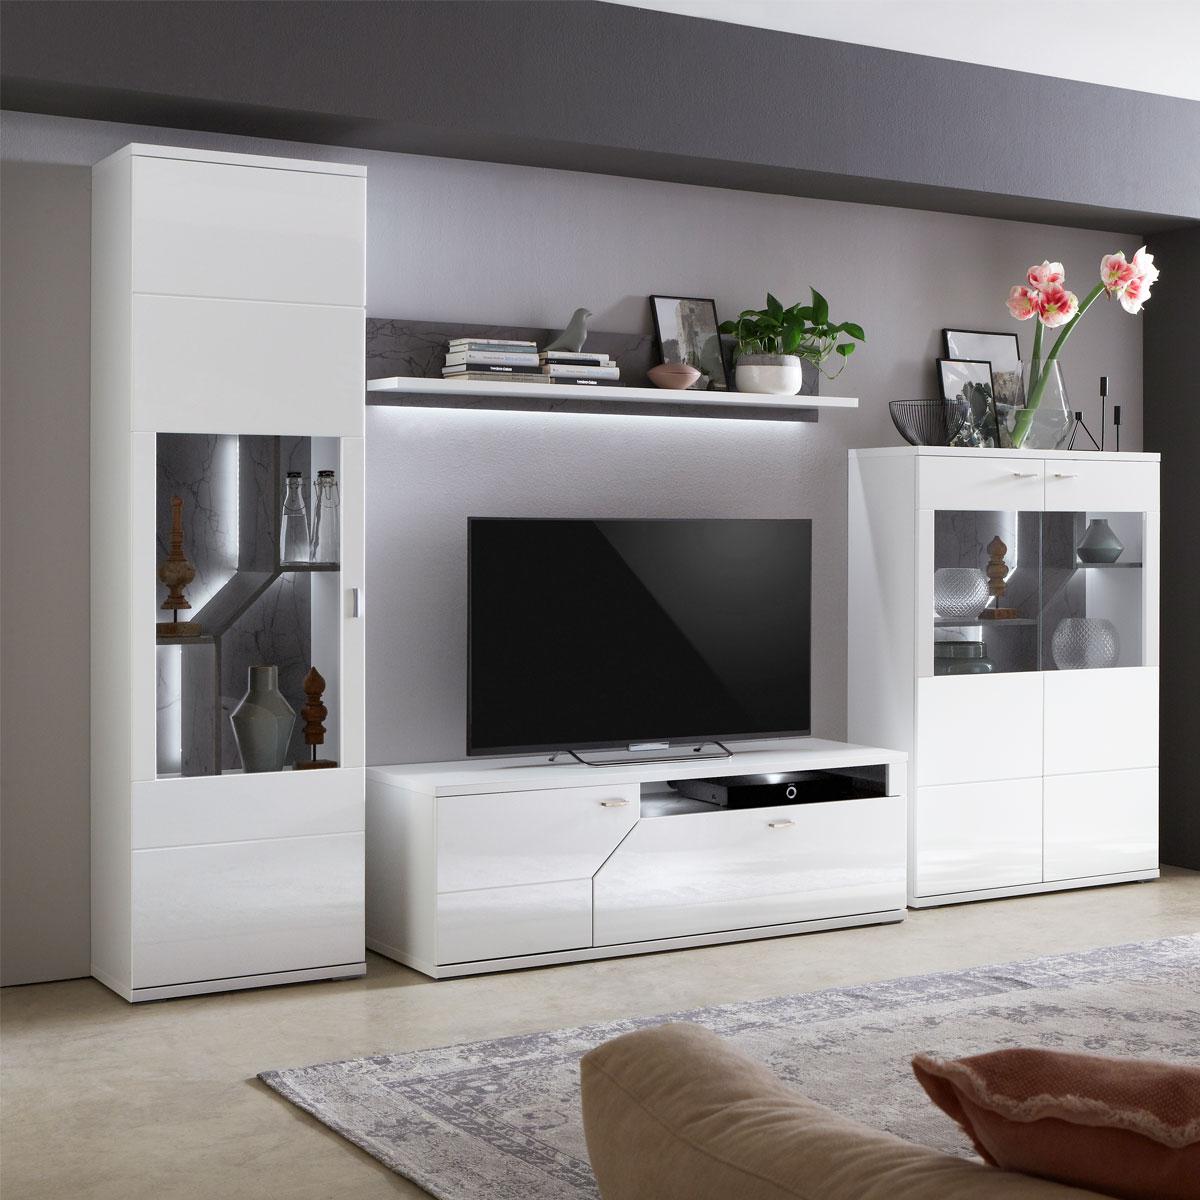 Ideal-Möbel Taviano Wohnkombination 35 moderne 4-teilige Wohnwand für Ihr  Wohnzimmer mit Lowboard Wandboard und zwei Vitrinen Ausführung Weiß mit ...